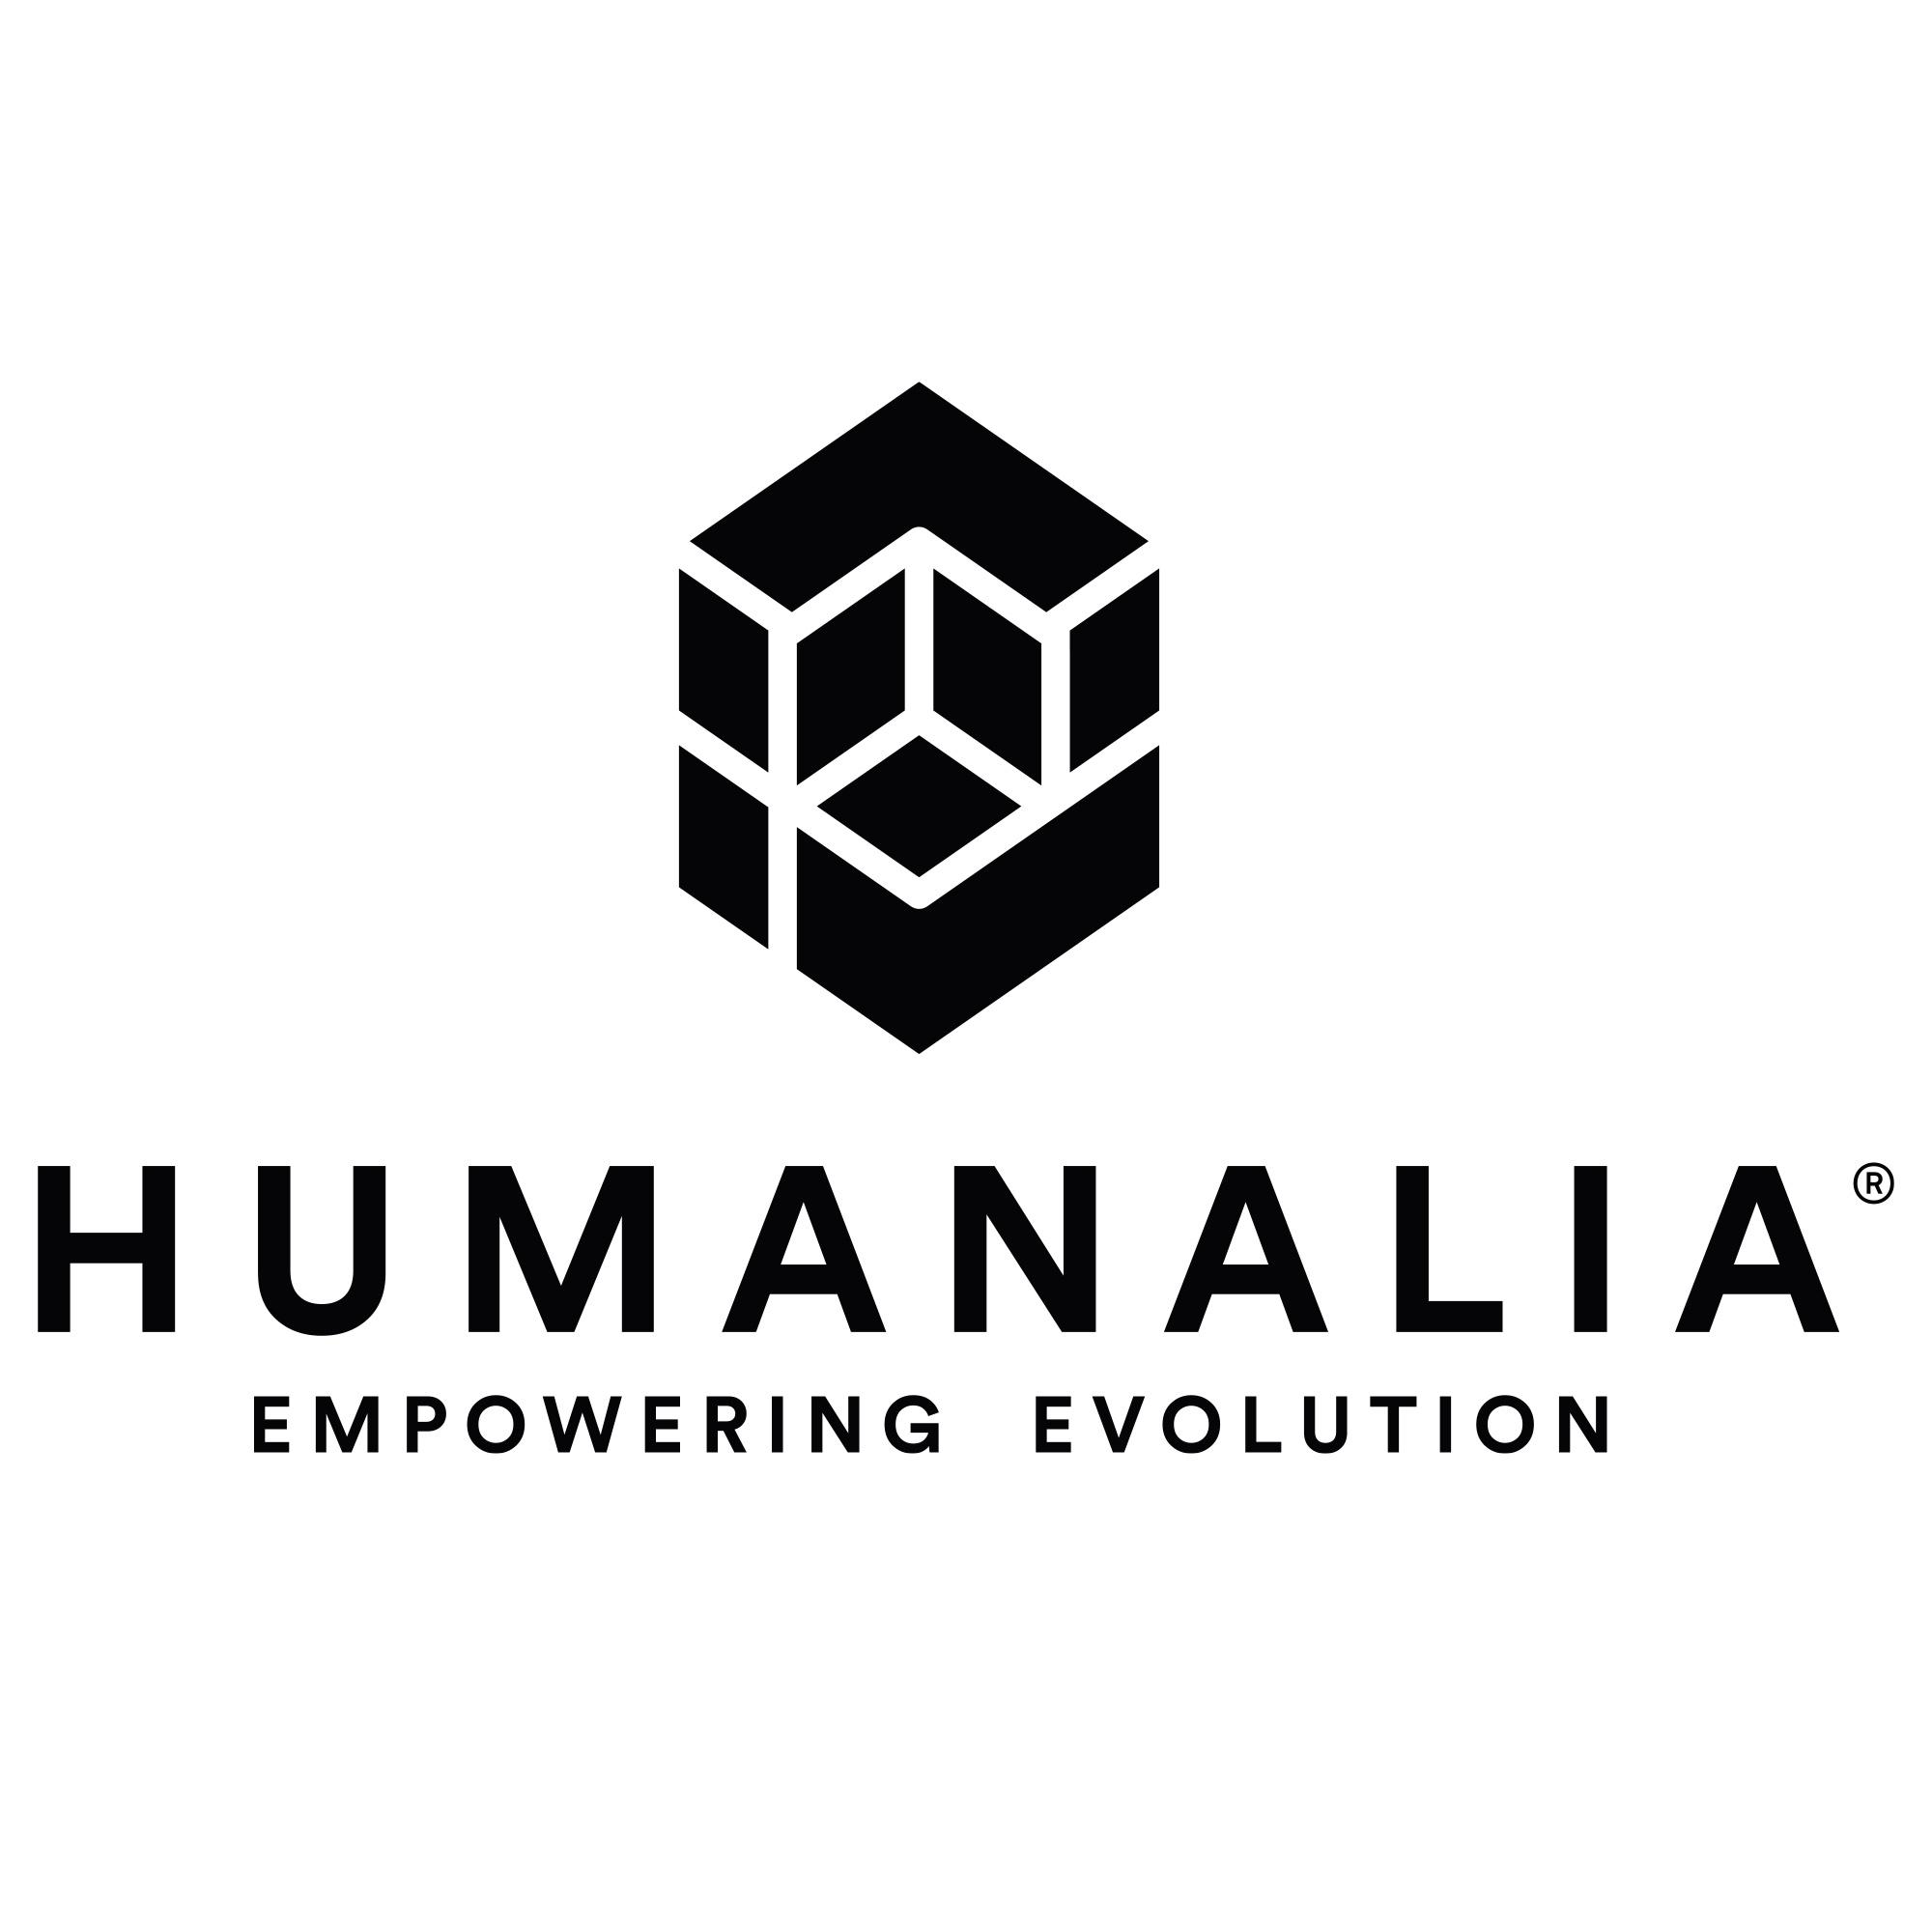 Humanalia